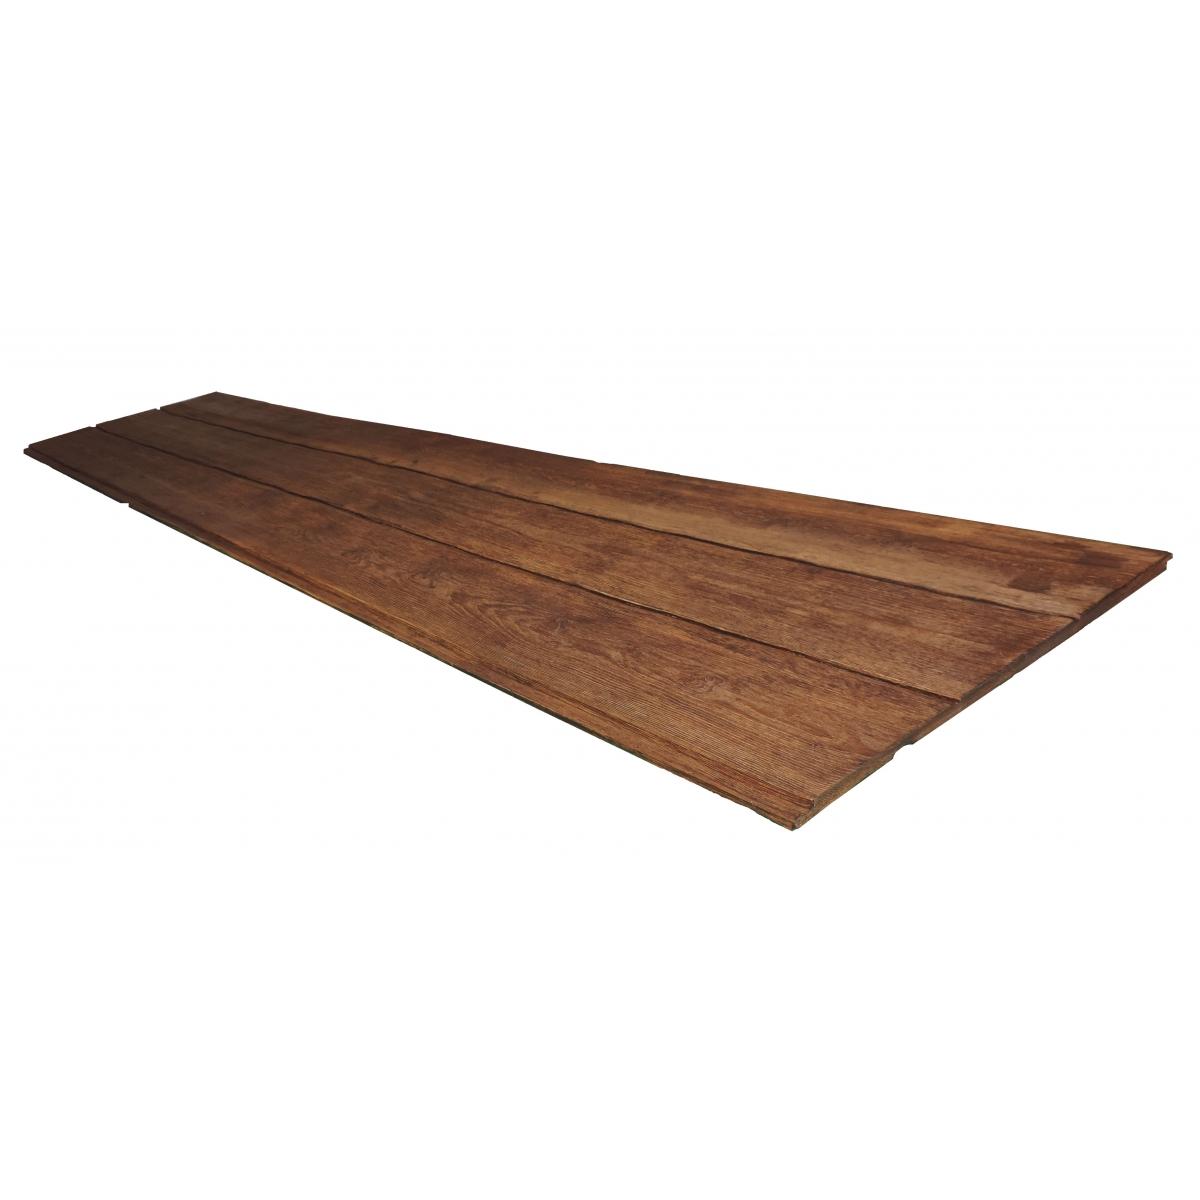 Panel rústico de tres lamas imitación madera de 300x62cm